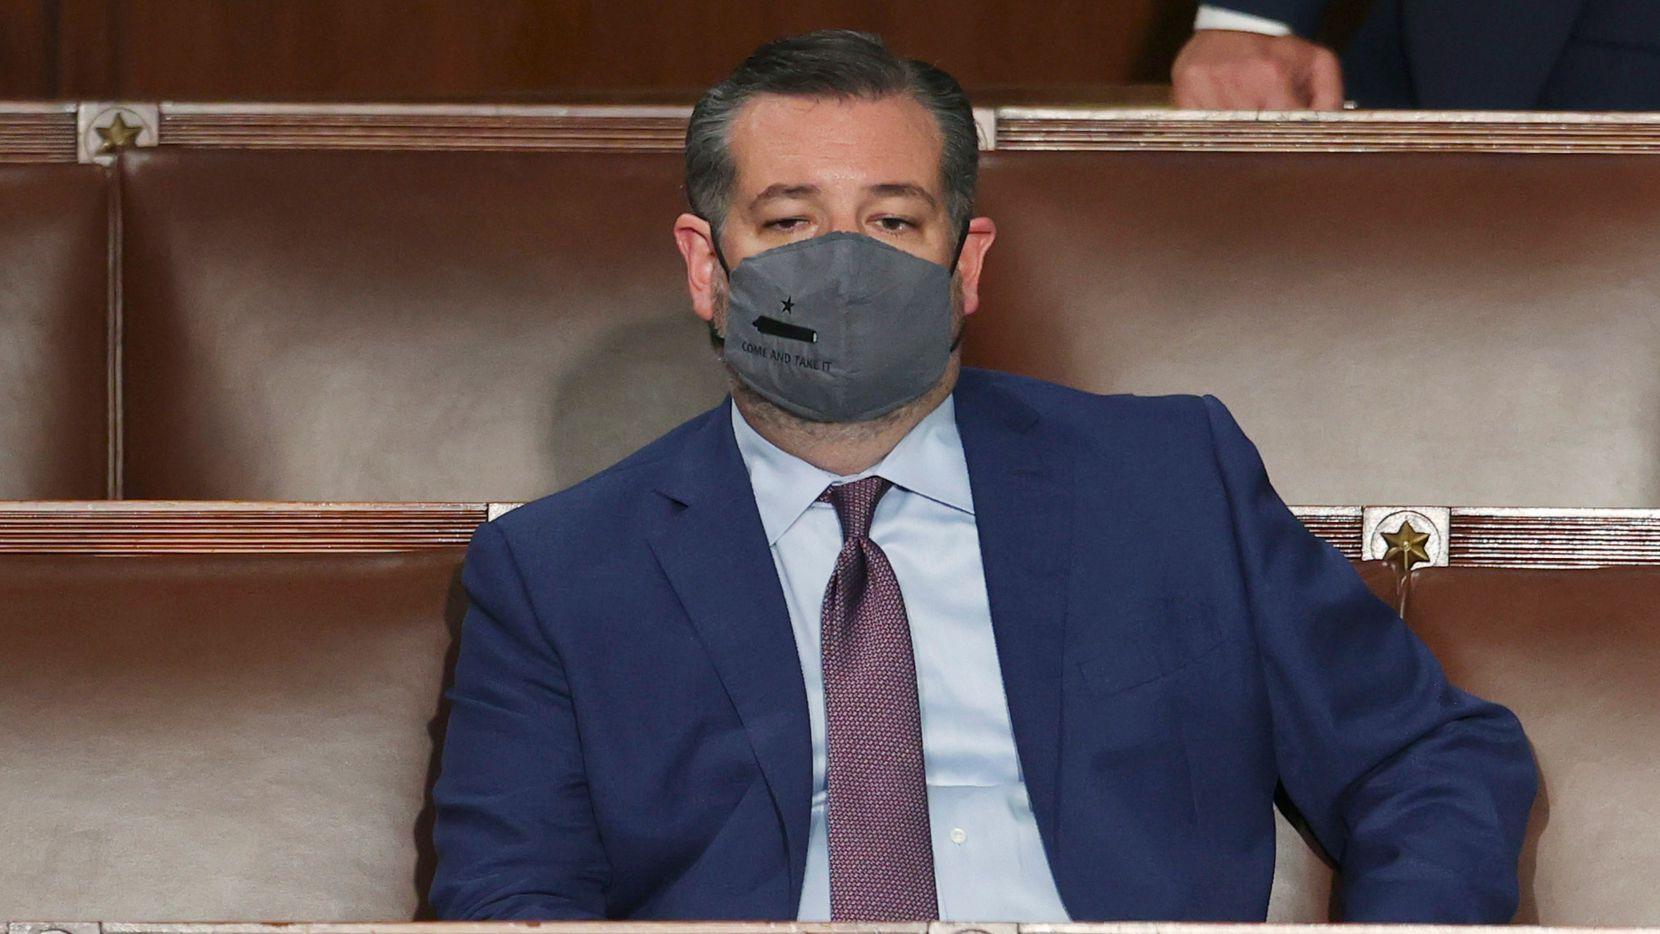 El senador republicano Ted Cruz fue visto entrecerrando sus ojos durante el discurso del miércoles de Joe Biden.